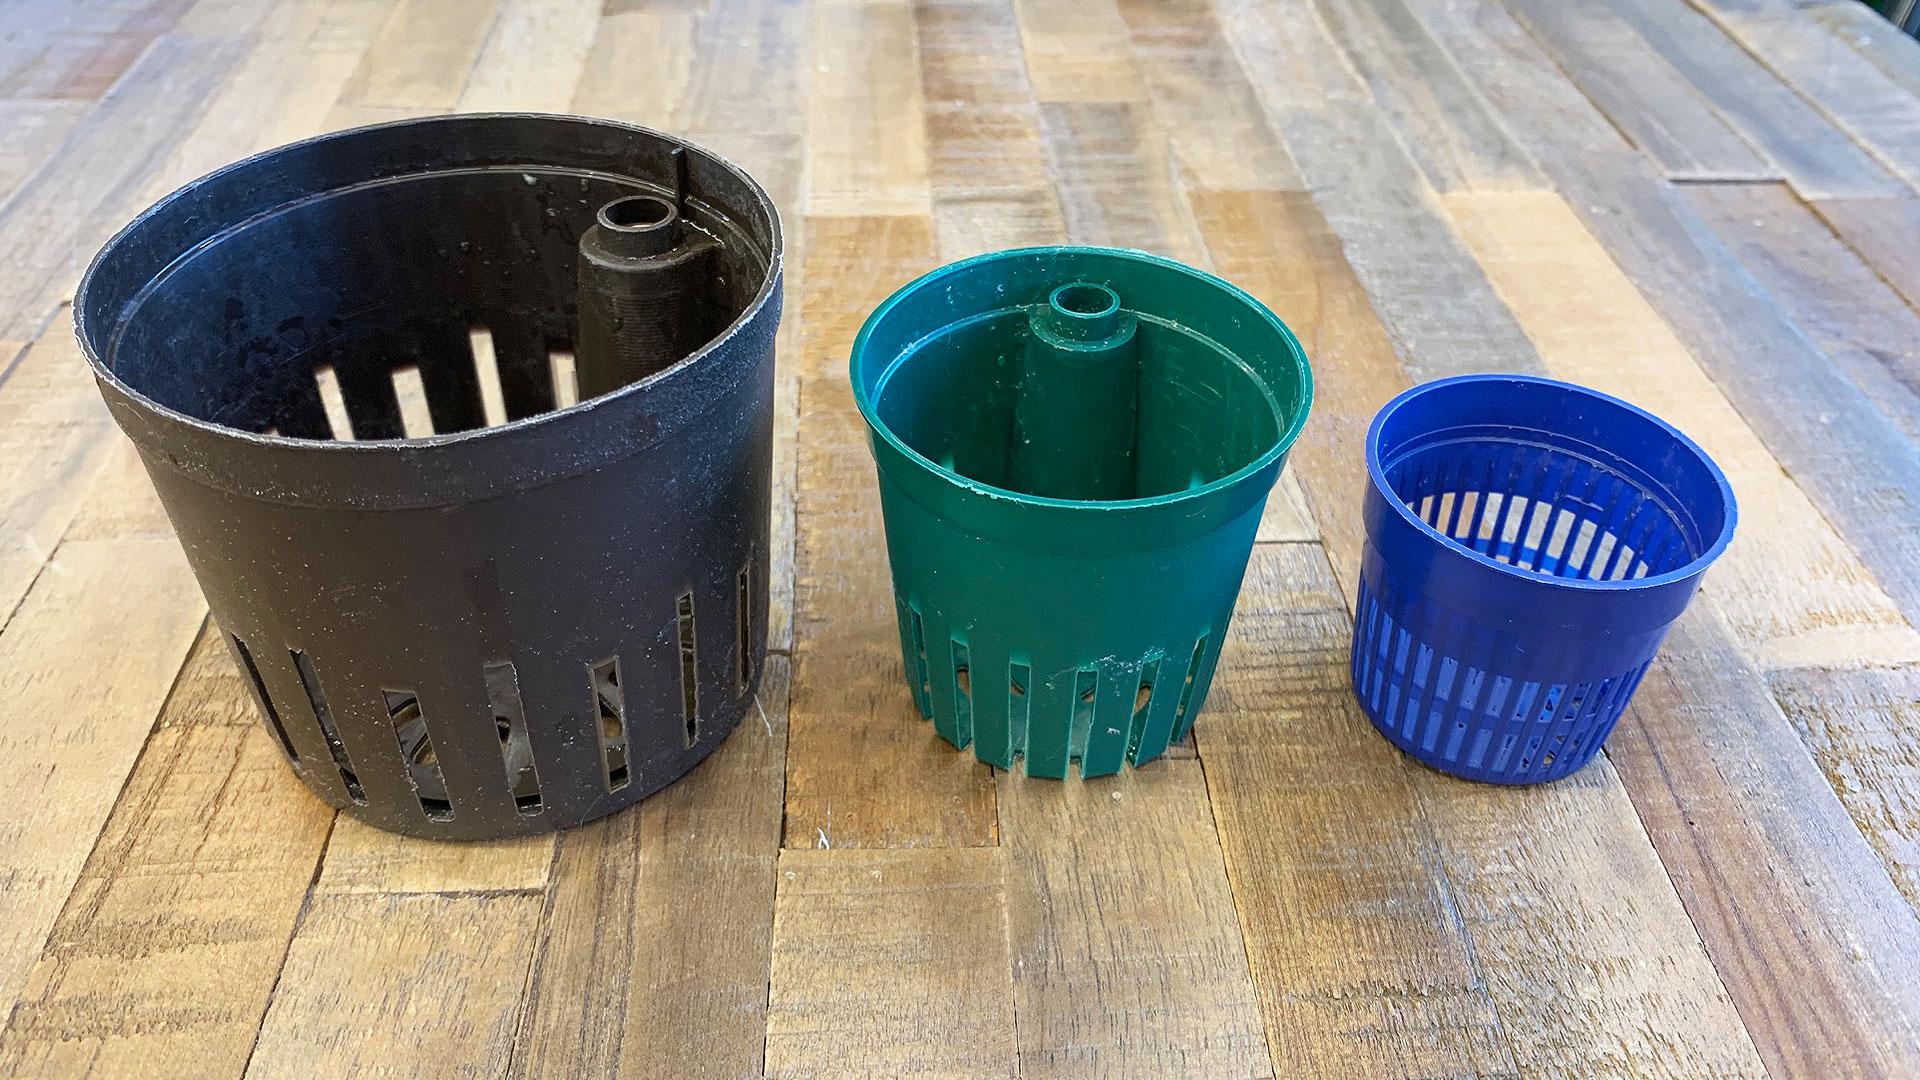 苔玉作りで使用する苗床のスペースを作る為に使用するカップの画像